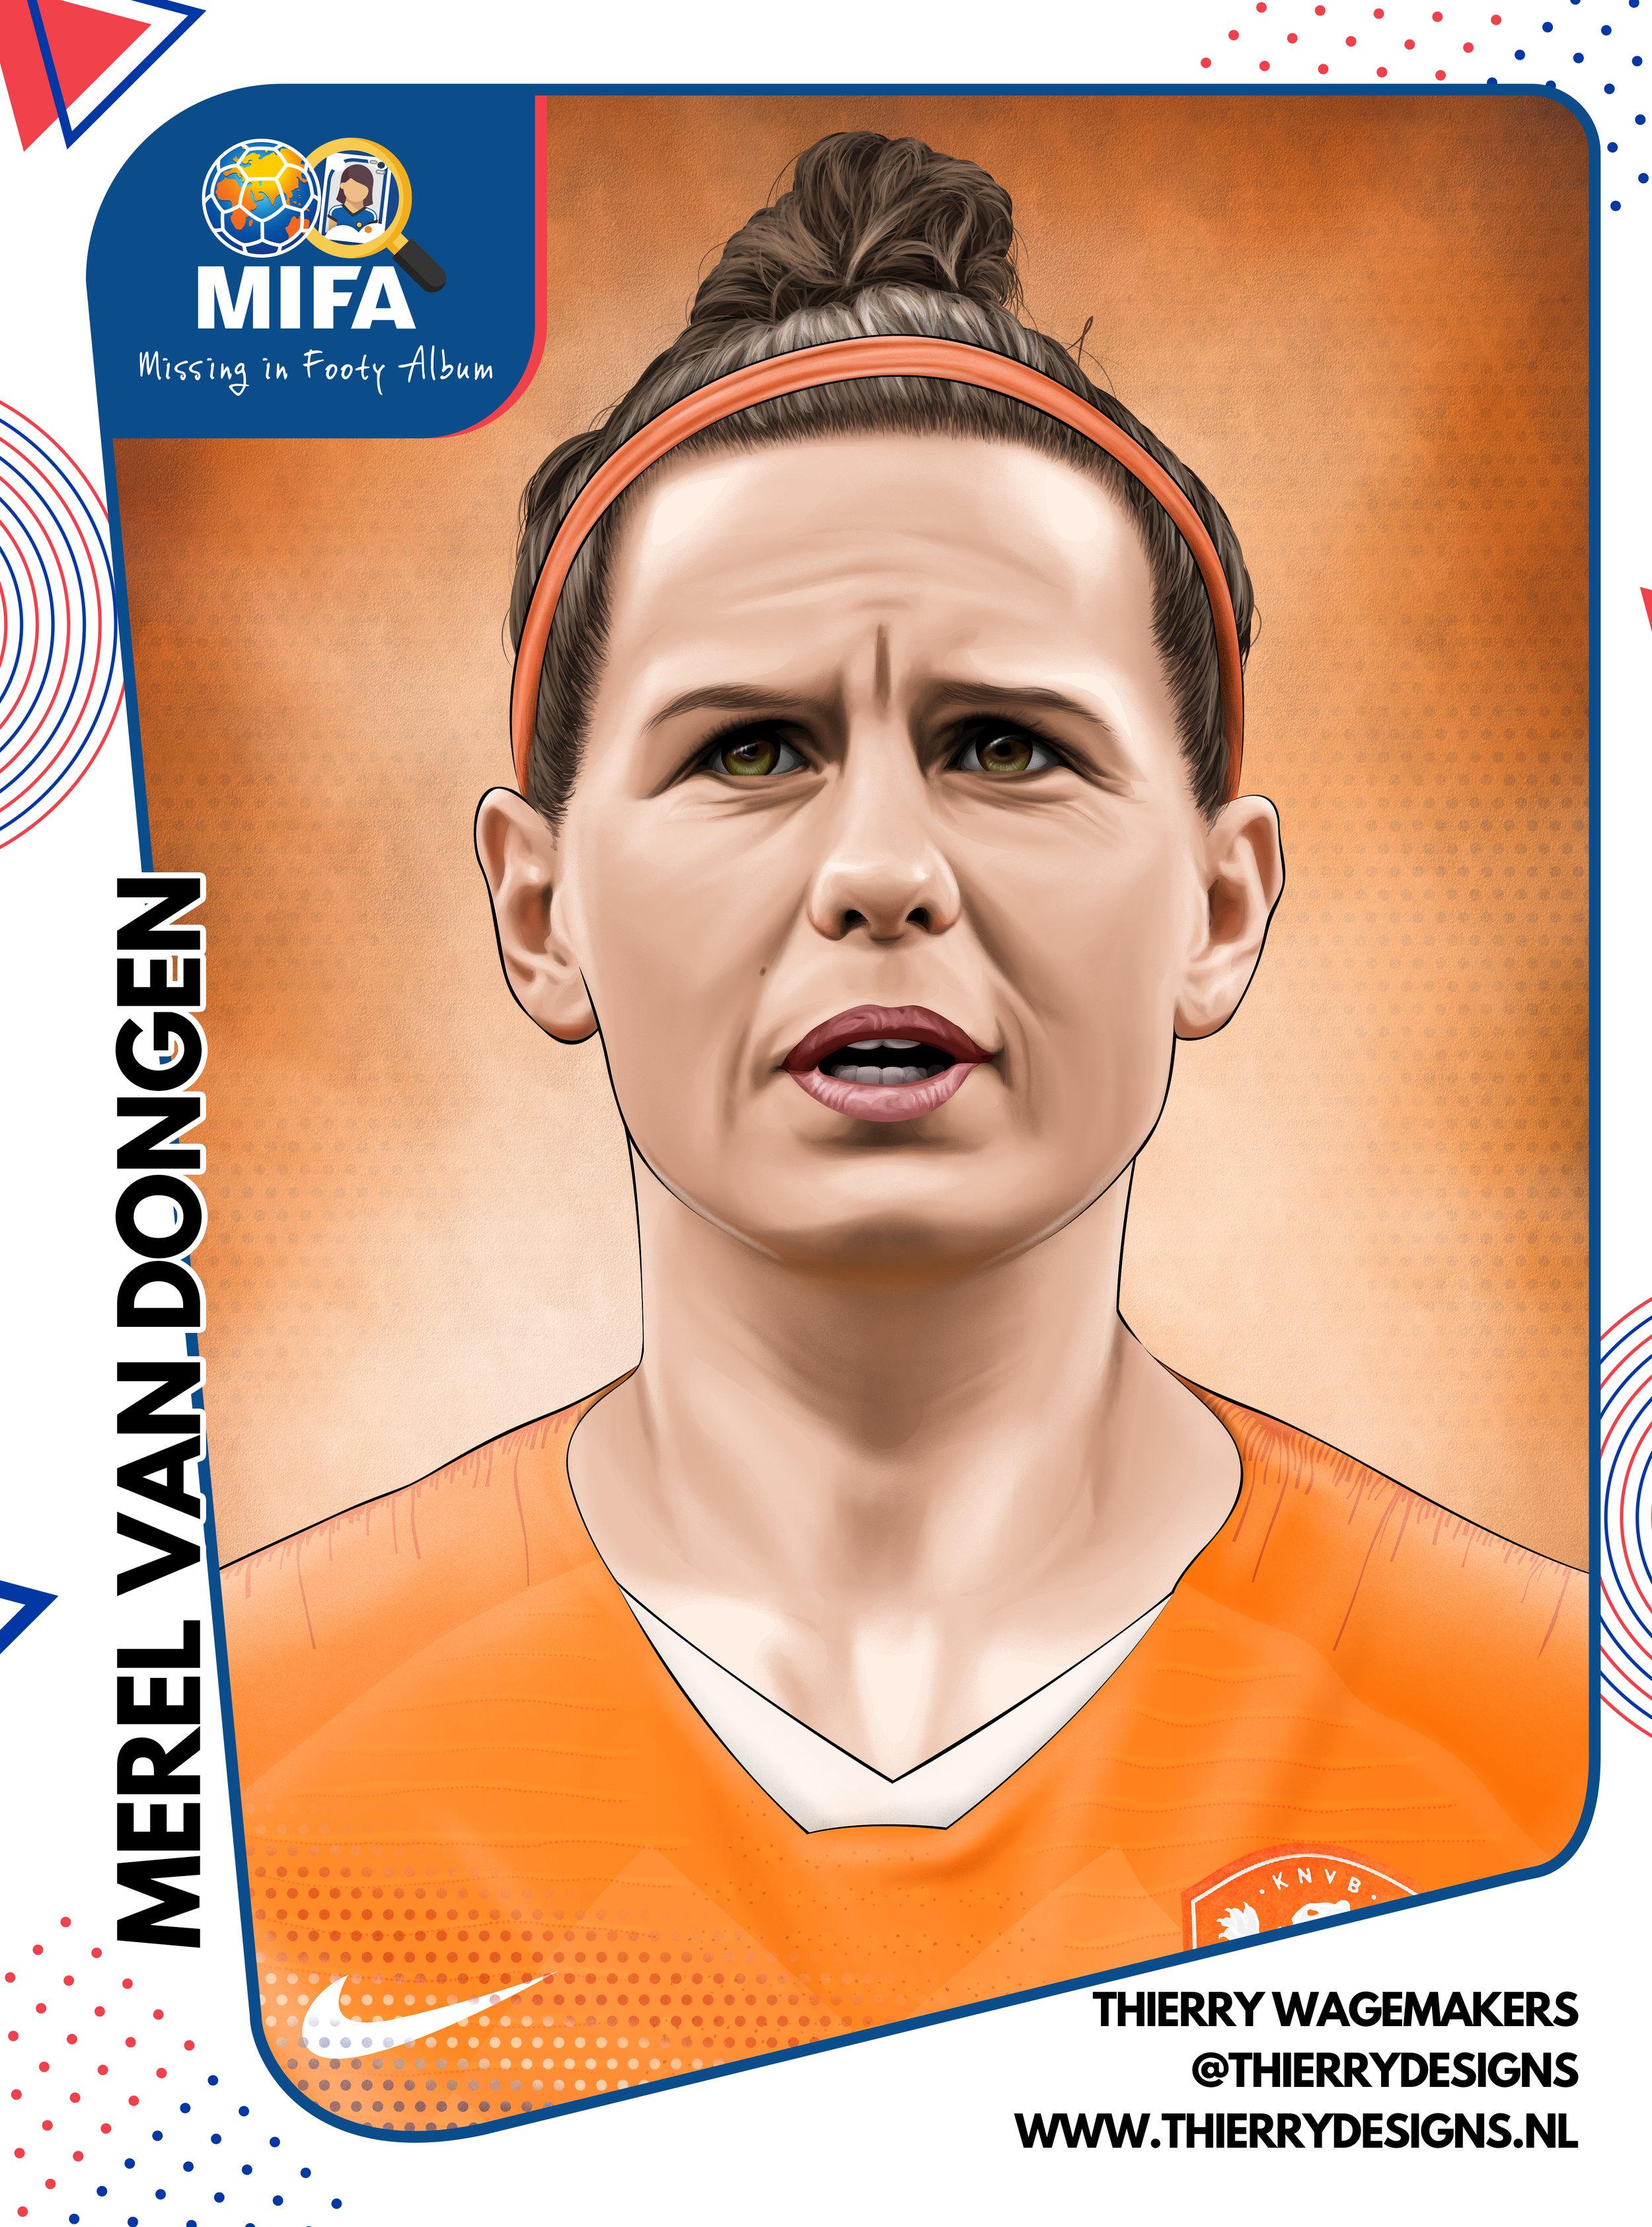 MIFA 2019 Merel van Dongen(1).jpg